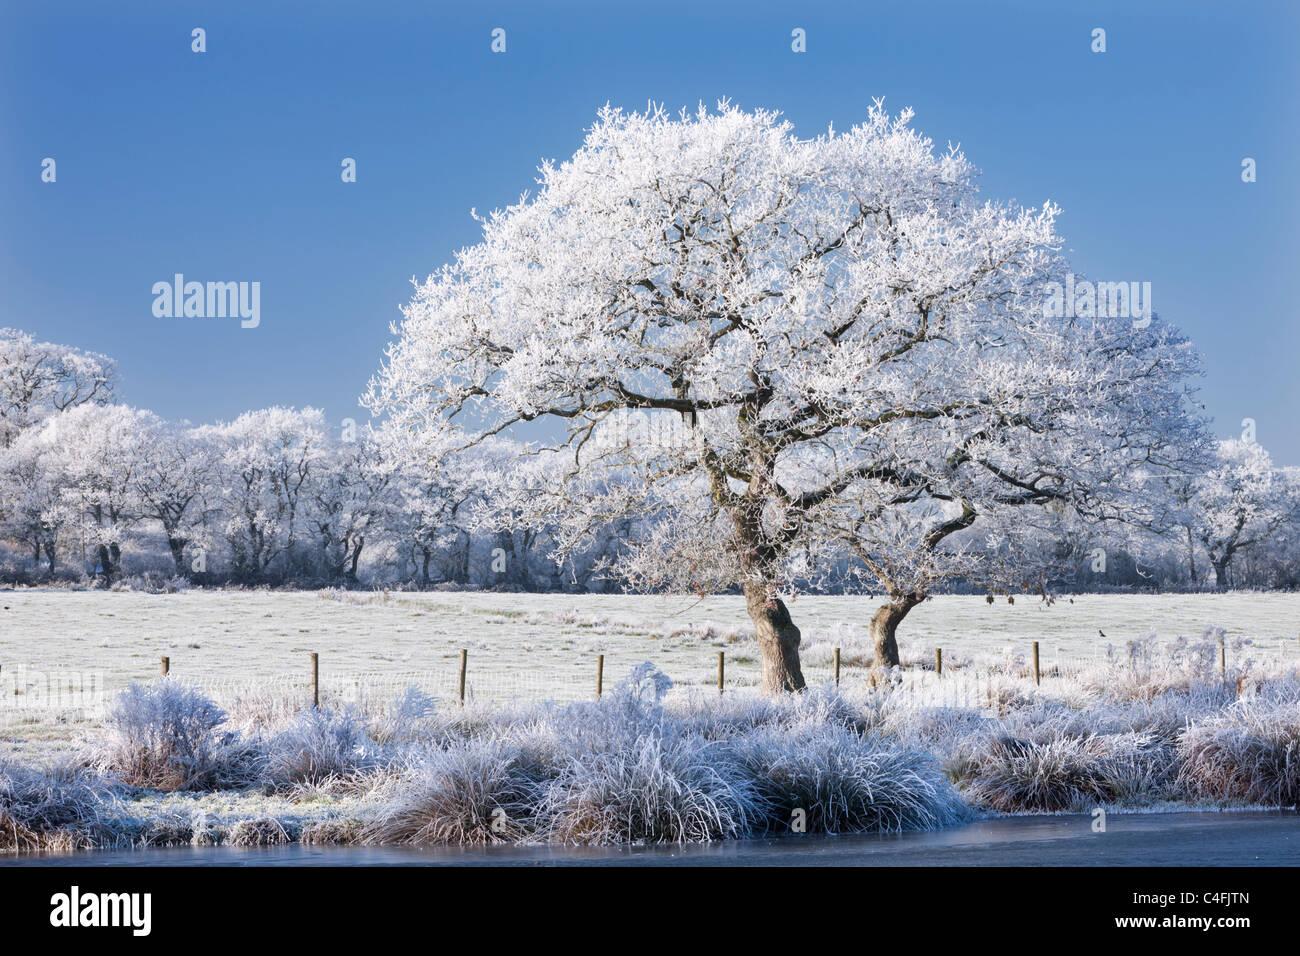 Hoar, arbre, lac givré et champs, Morchard Road, Devon, Angleterre. Hiver (décembre) 2010. Photo Stock